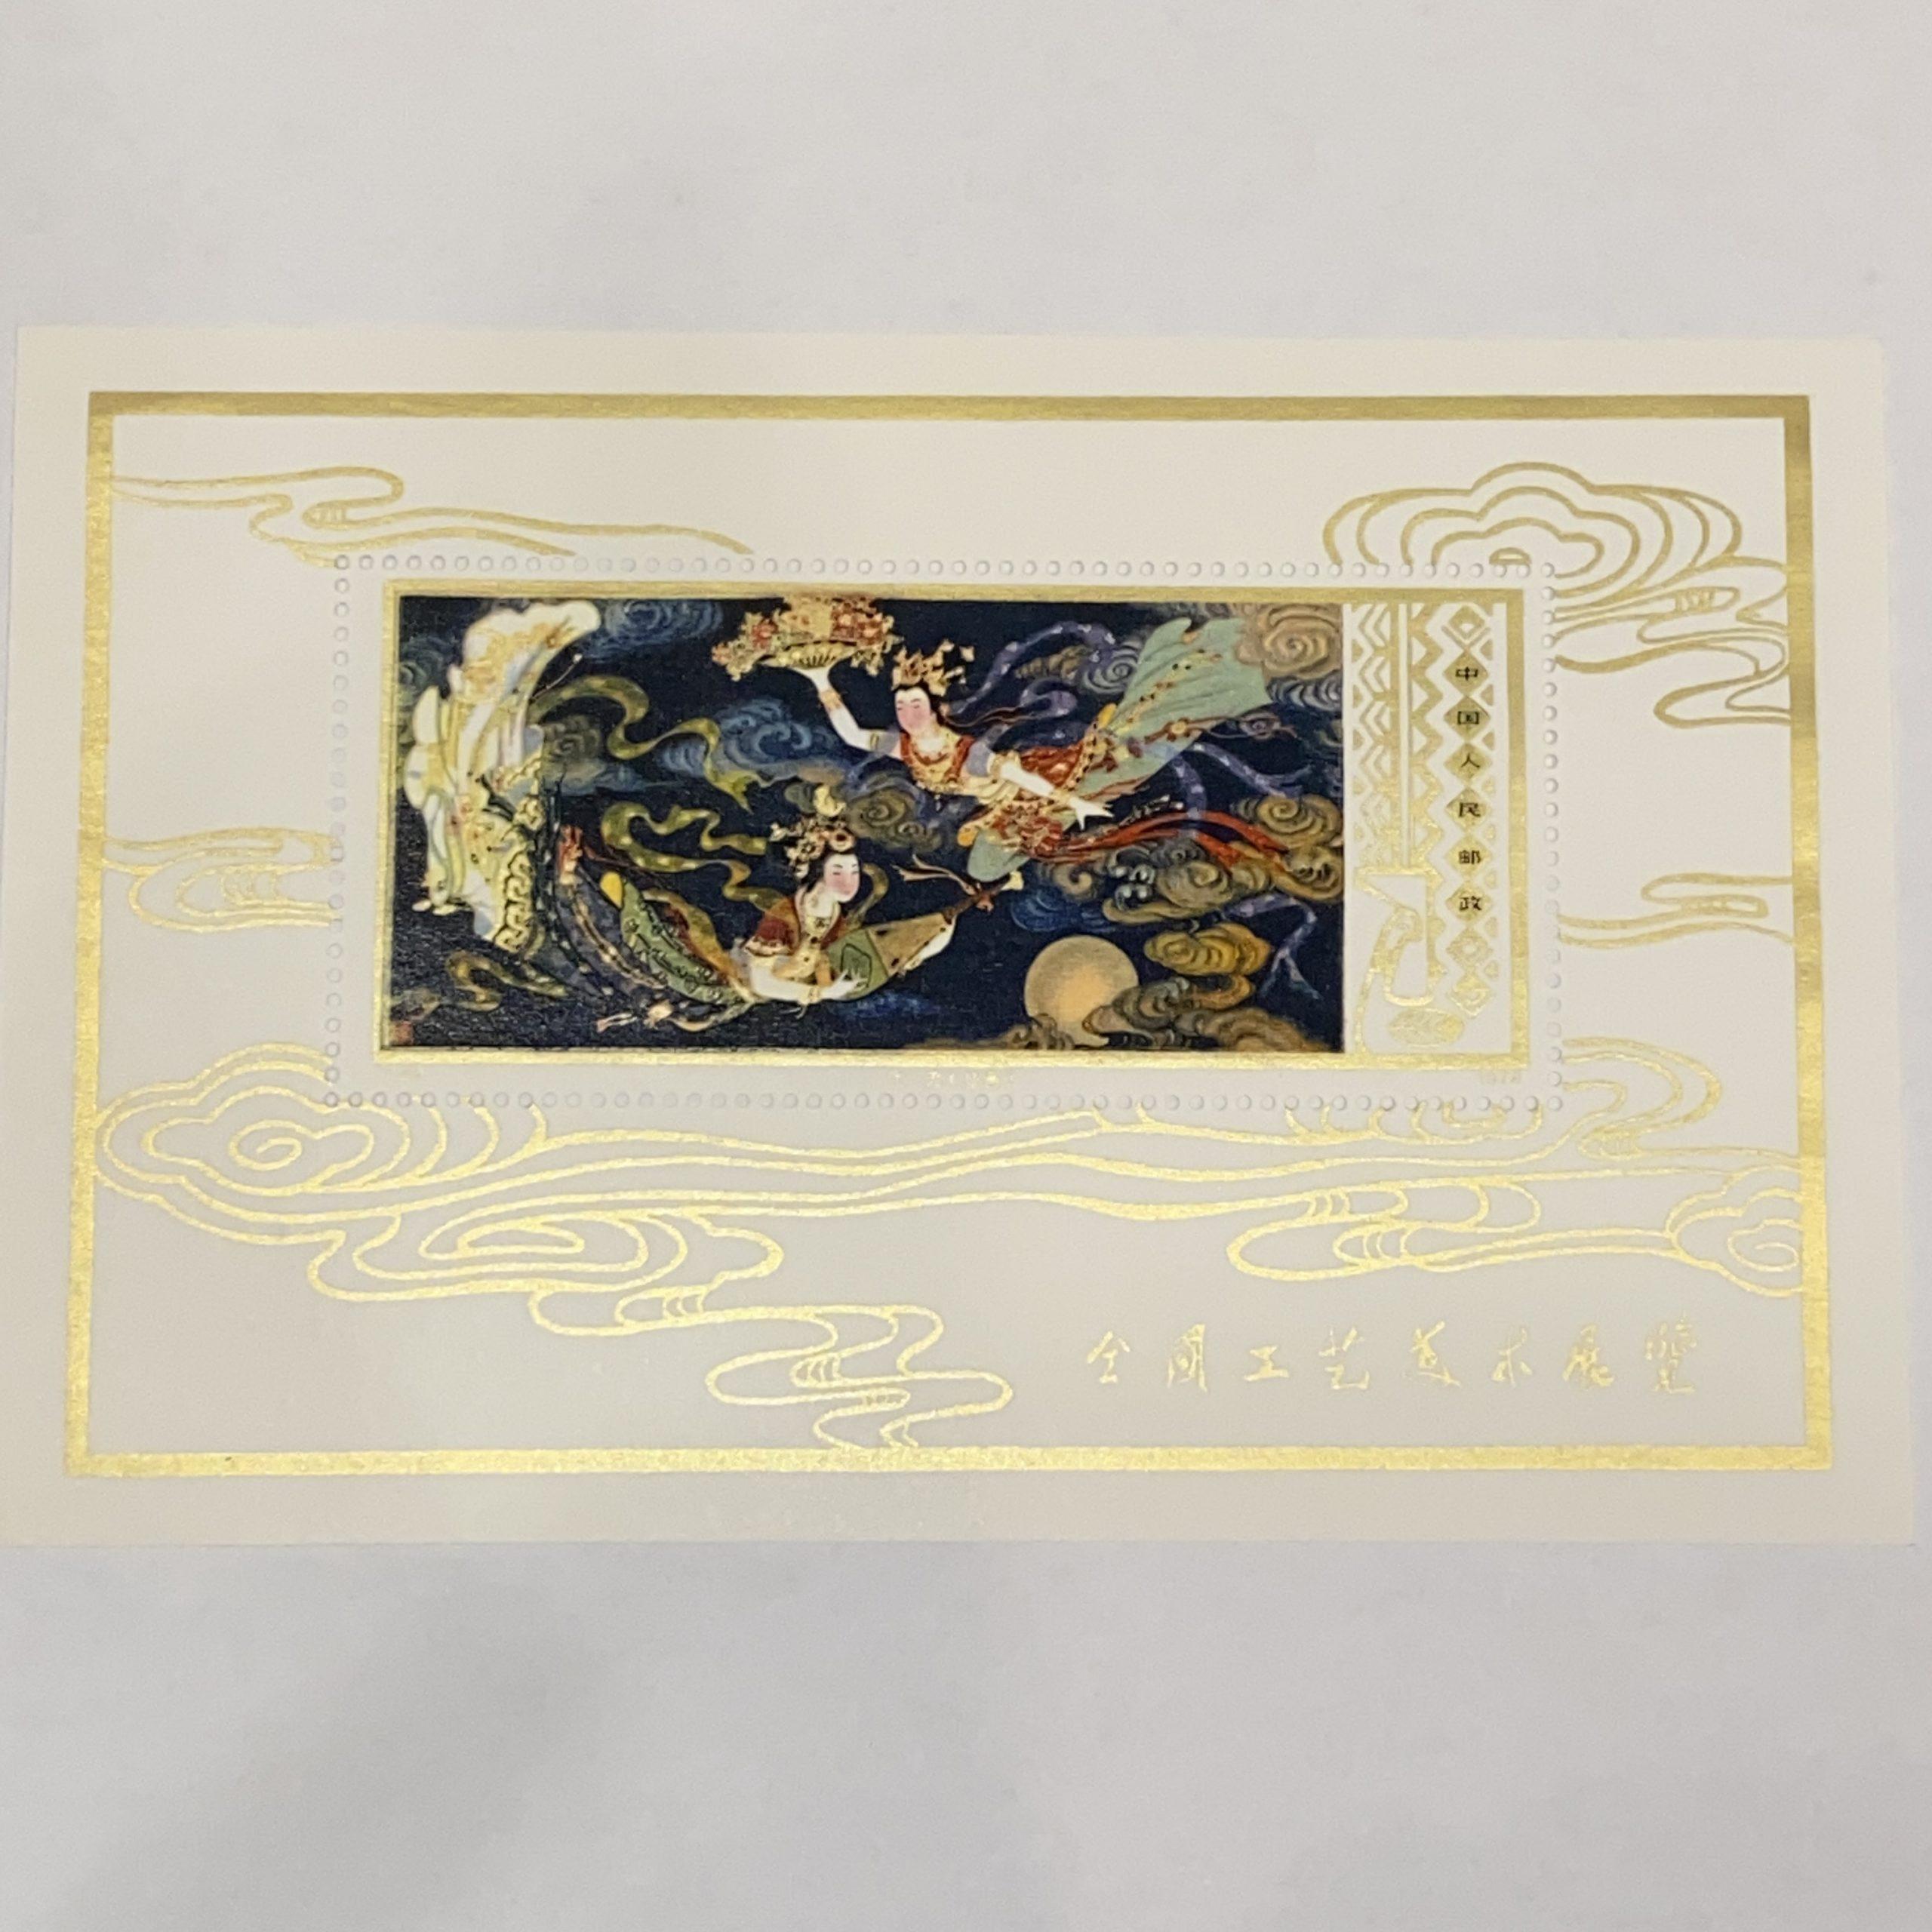 【中国切手】T29 工芸美術 1978年 飛天(壁画) 小型シート